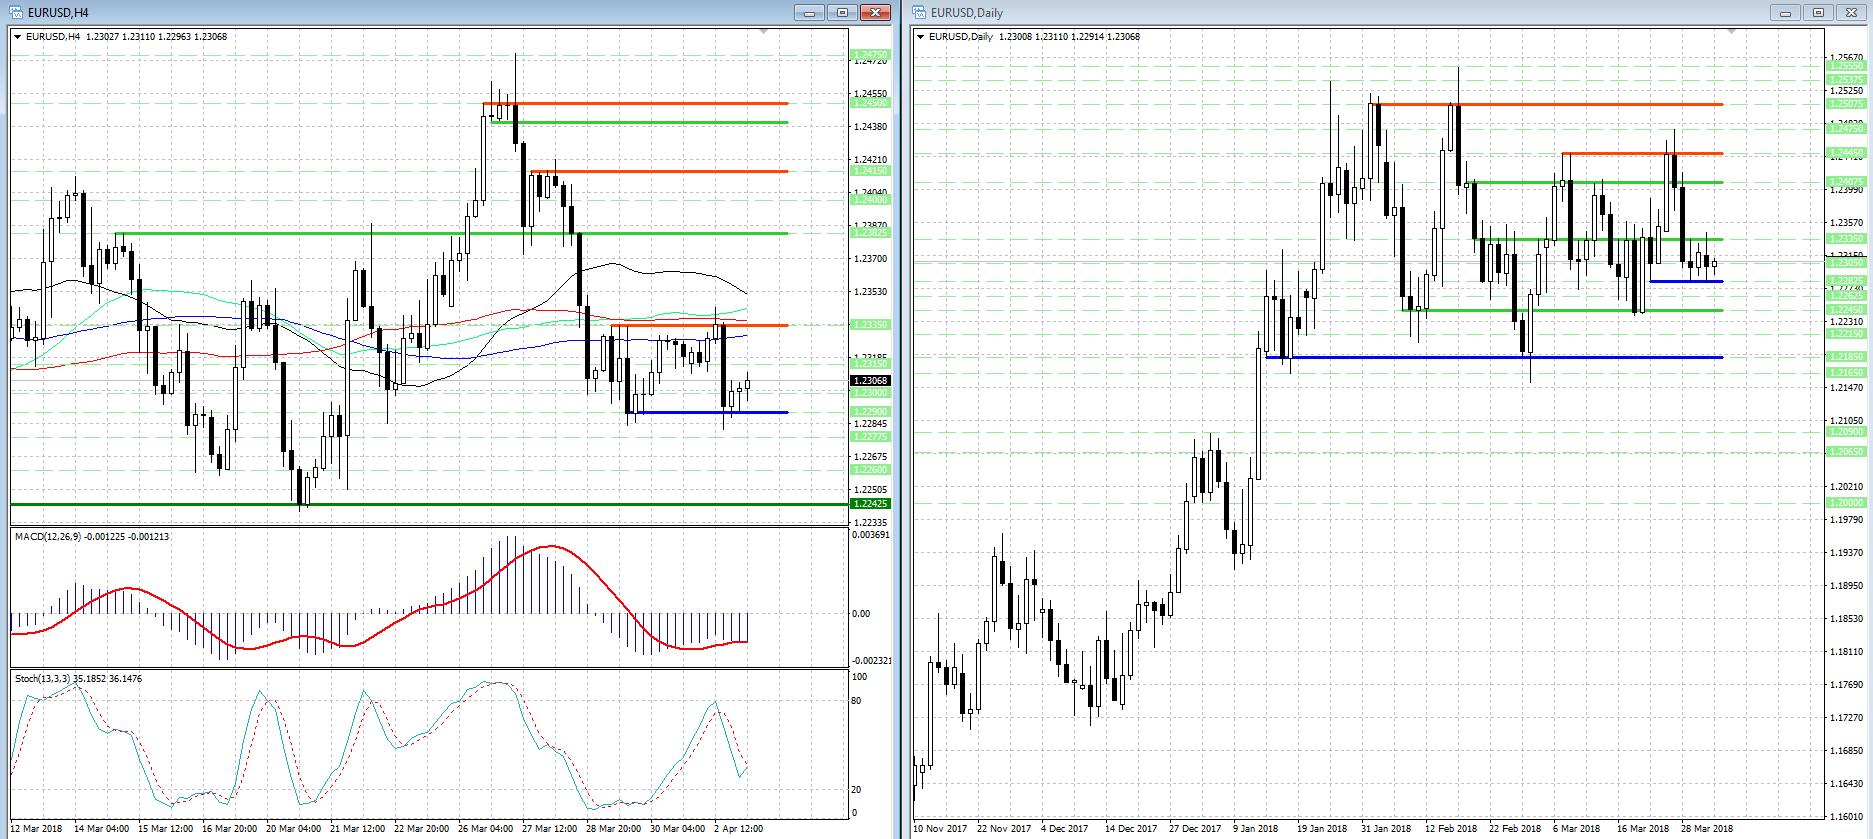 Выход из ценового диапазона 1.2290 - 1.2335 прояснит техническую картину в валютной паре EUR/USD...